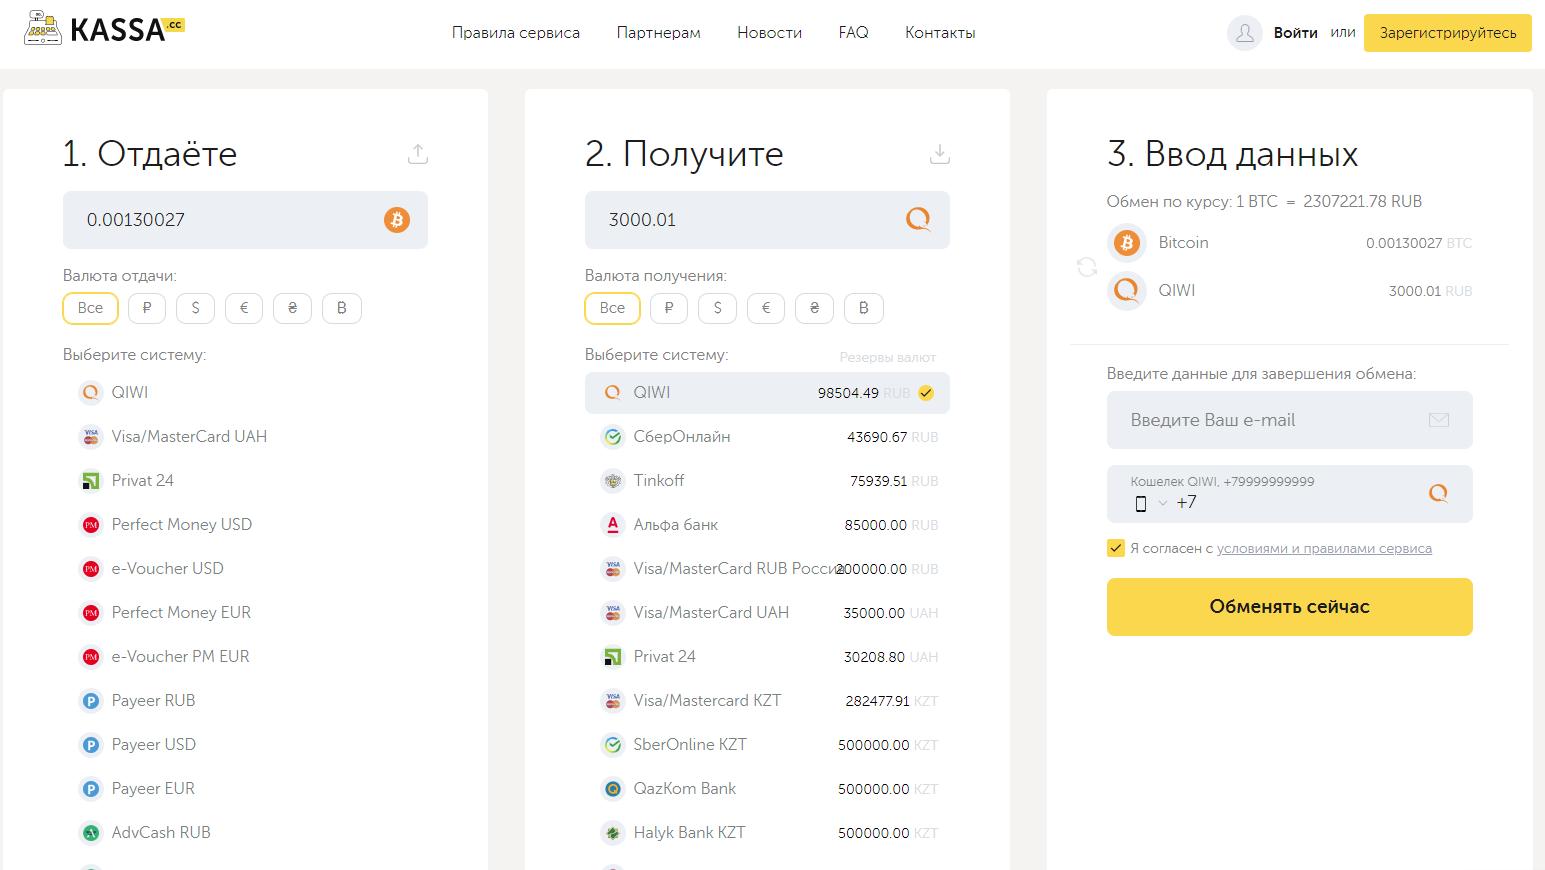 Сайт для обмена криптовалют